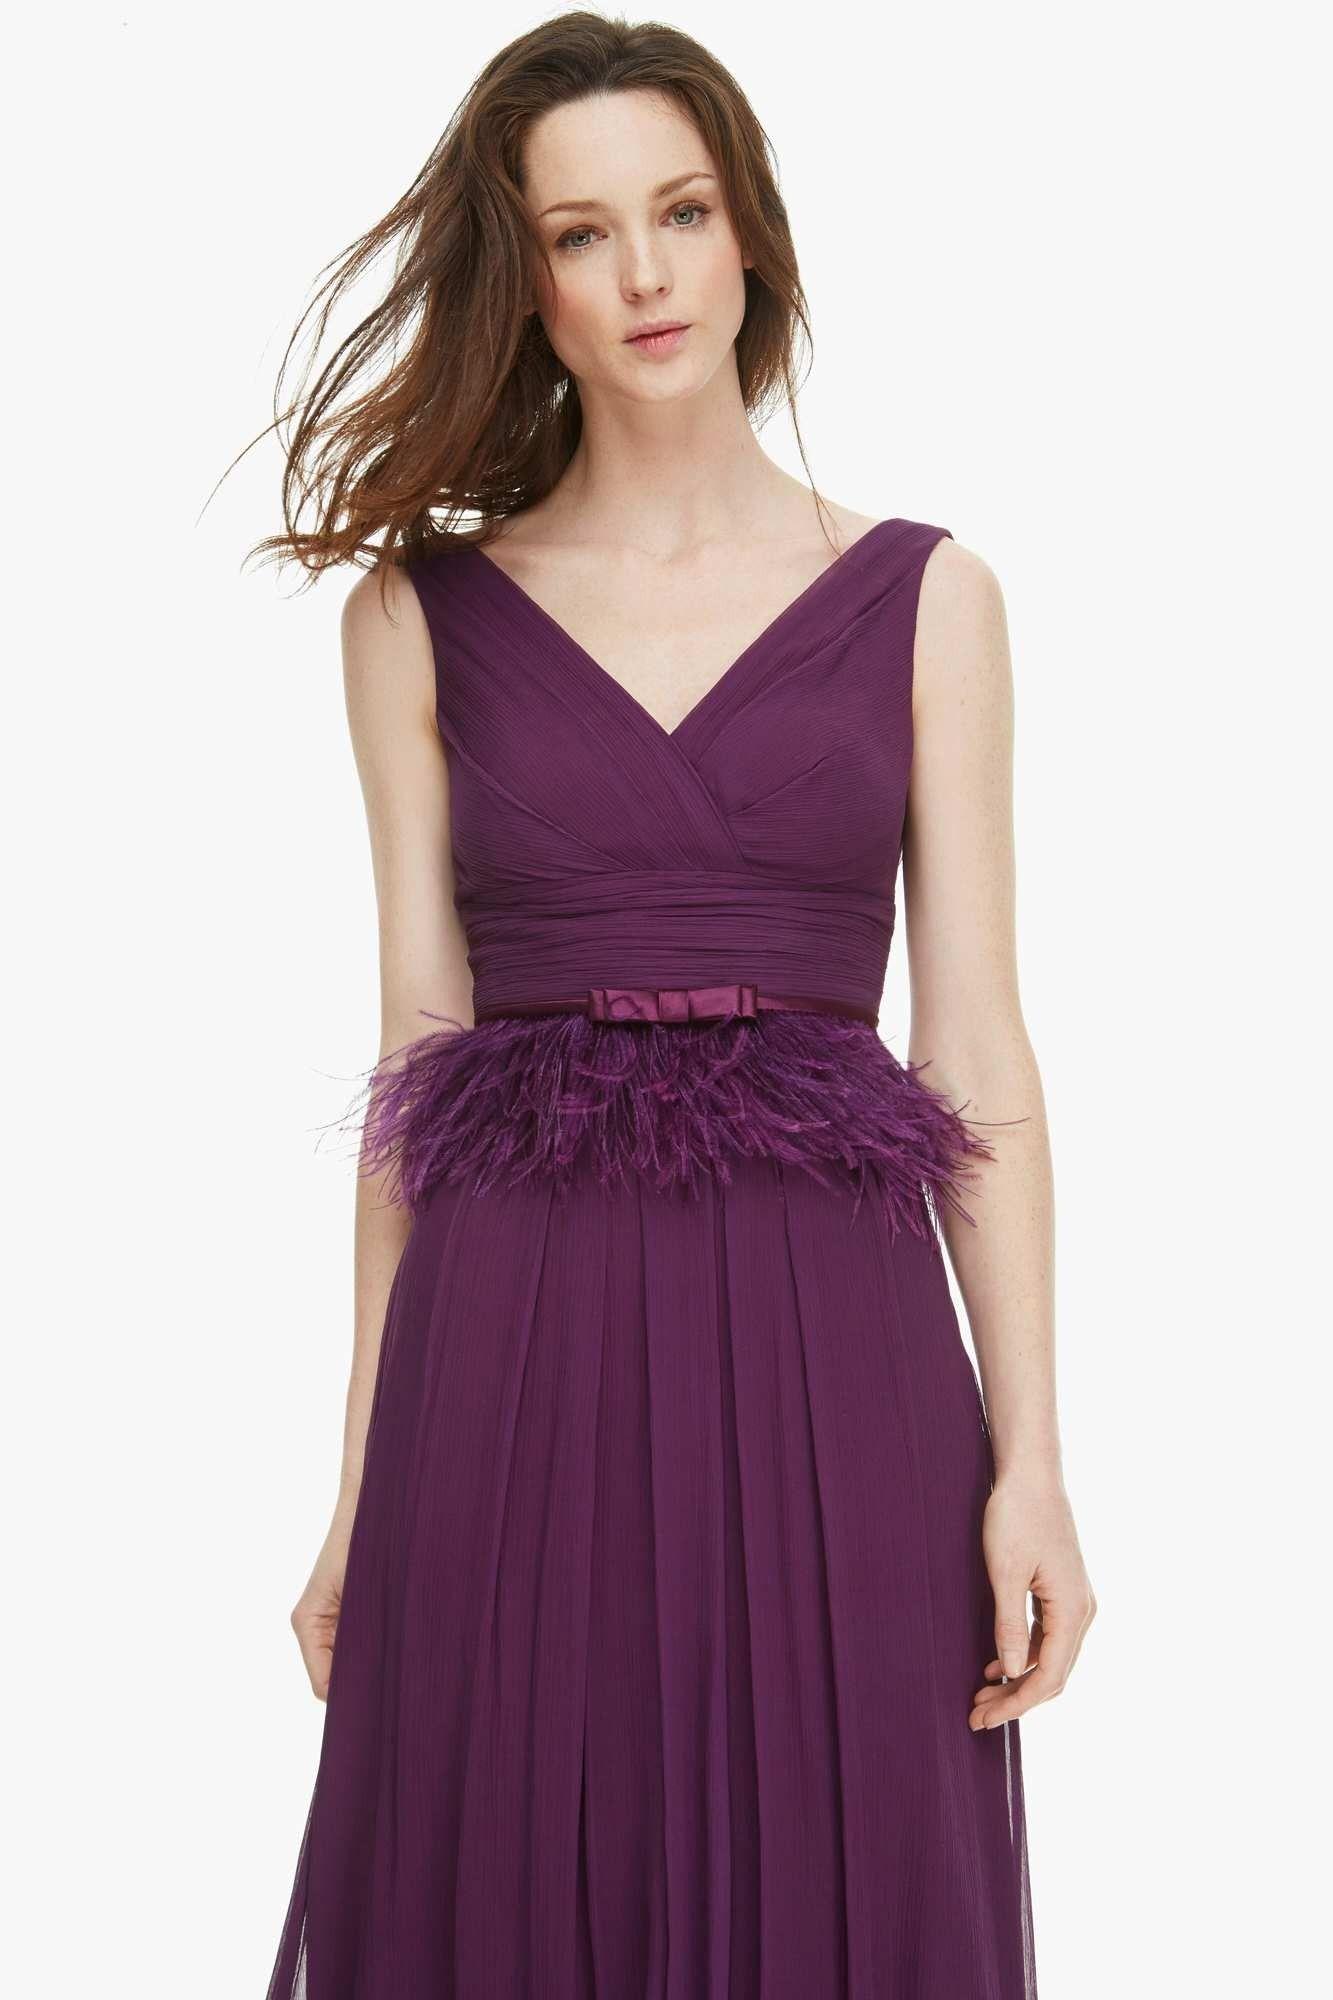 Vestido de seda con escote romántico - Cóctel | Adolfo Dominguez ...